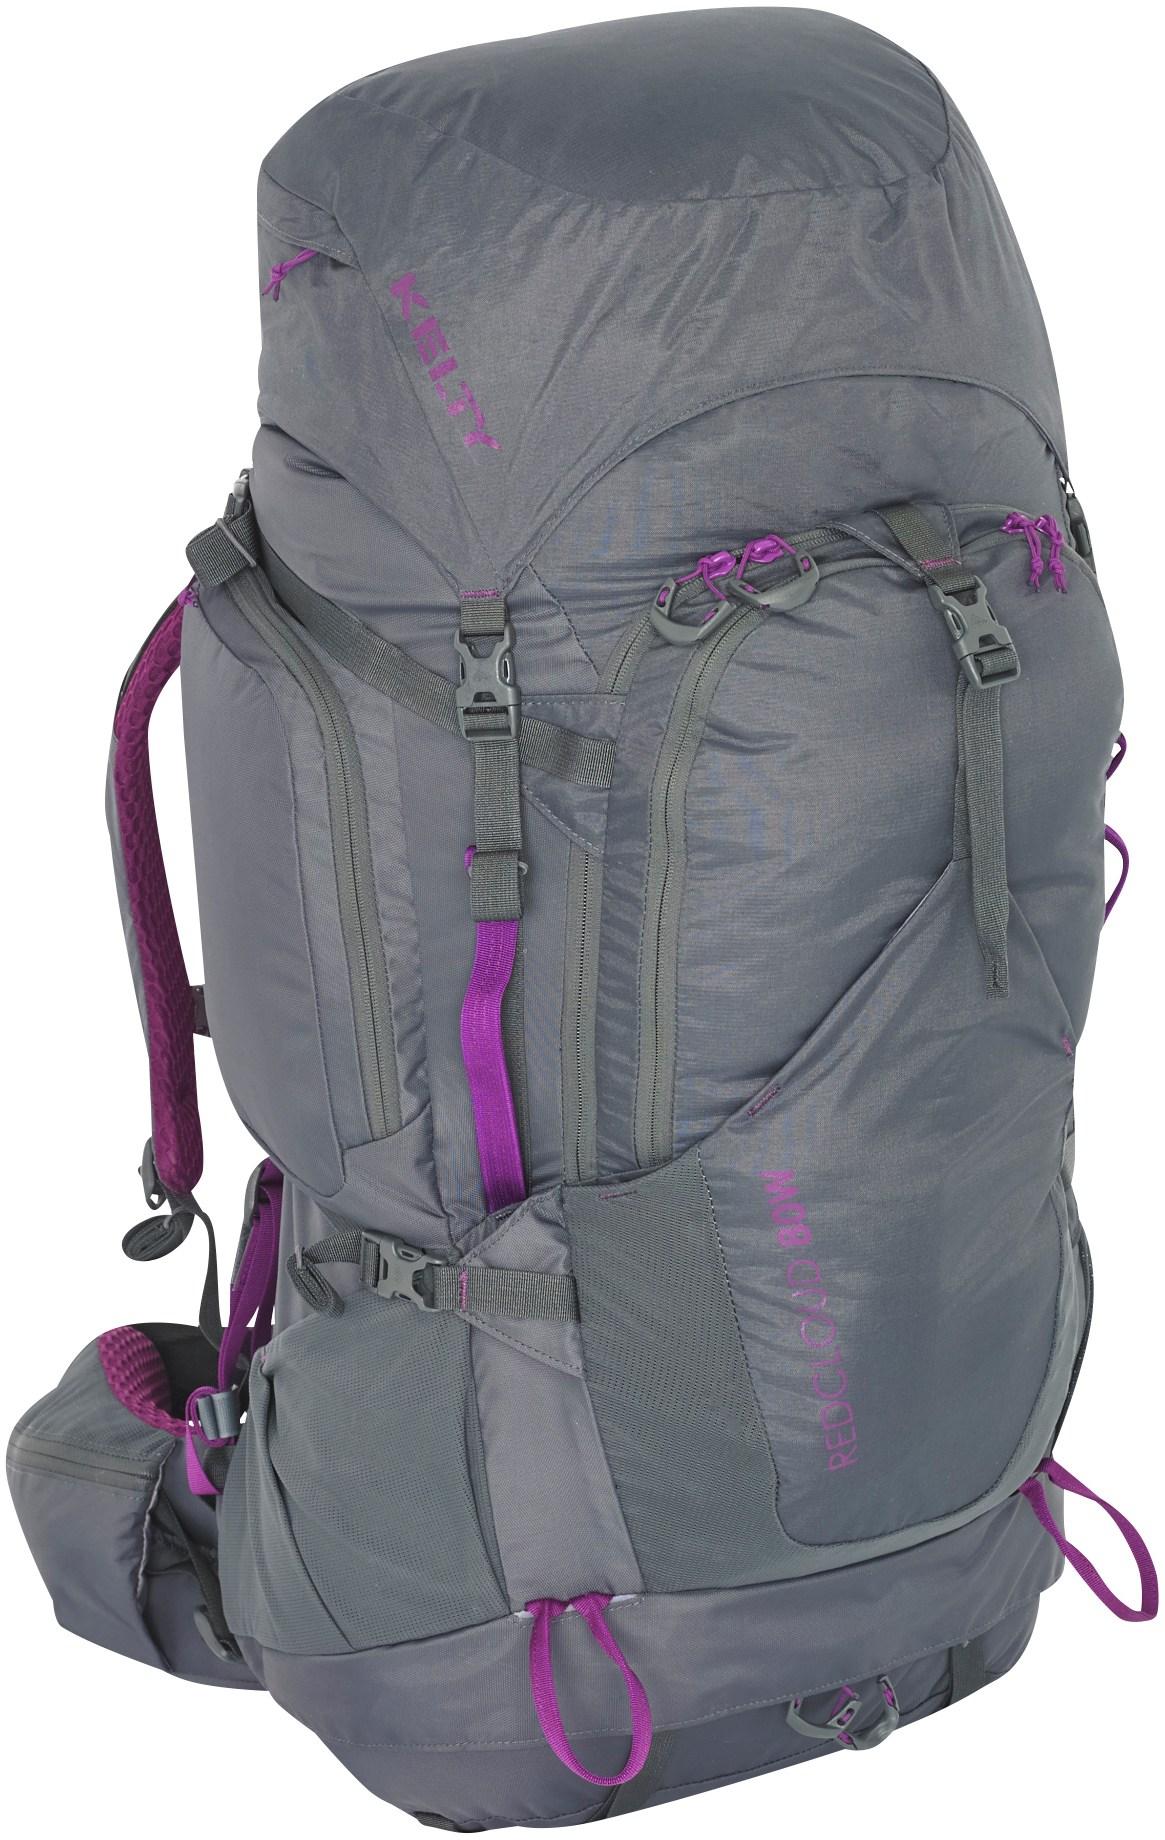 Kelty Redcloud 80 Pack - Women's